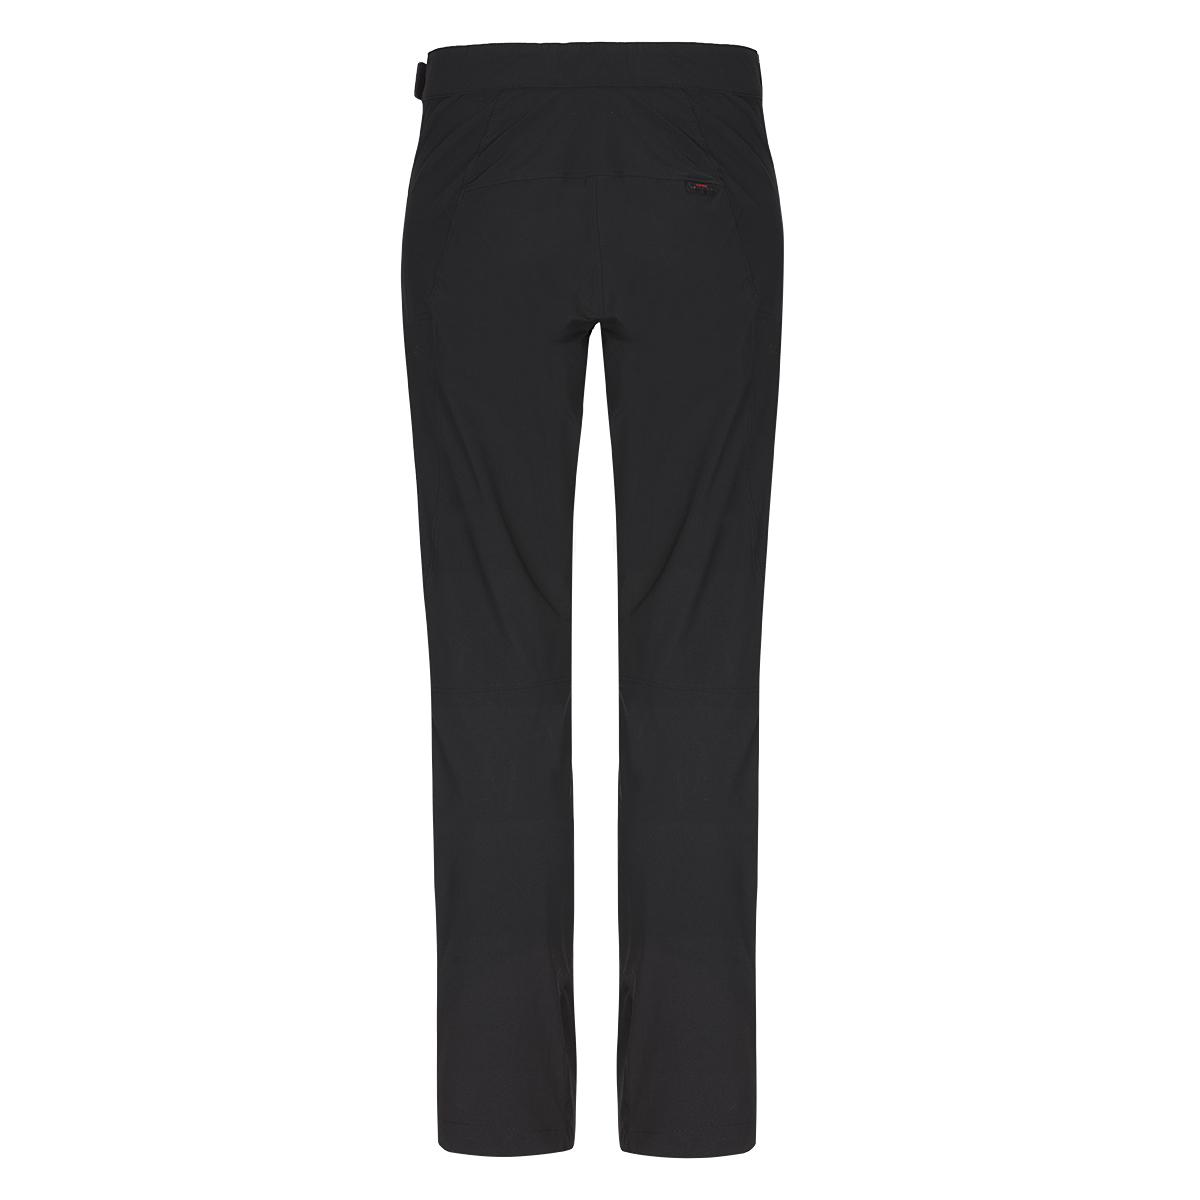 Zajo Air LT Pants 3